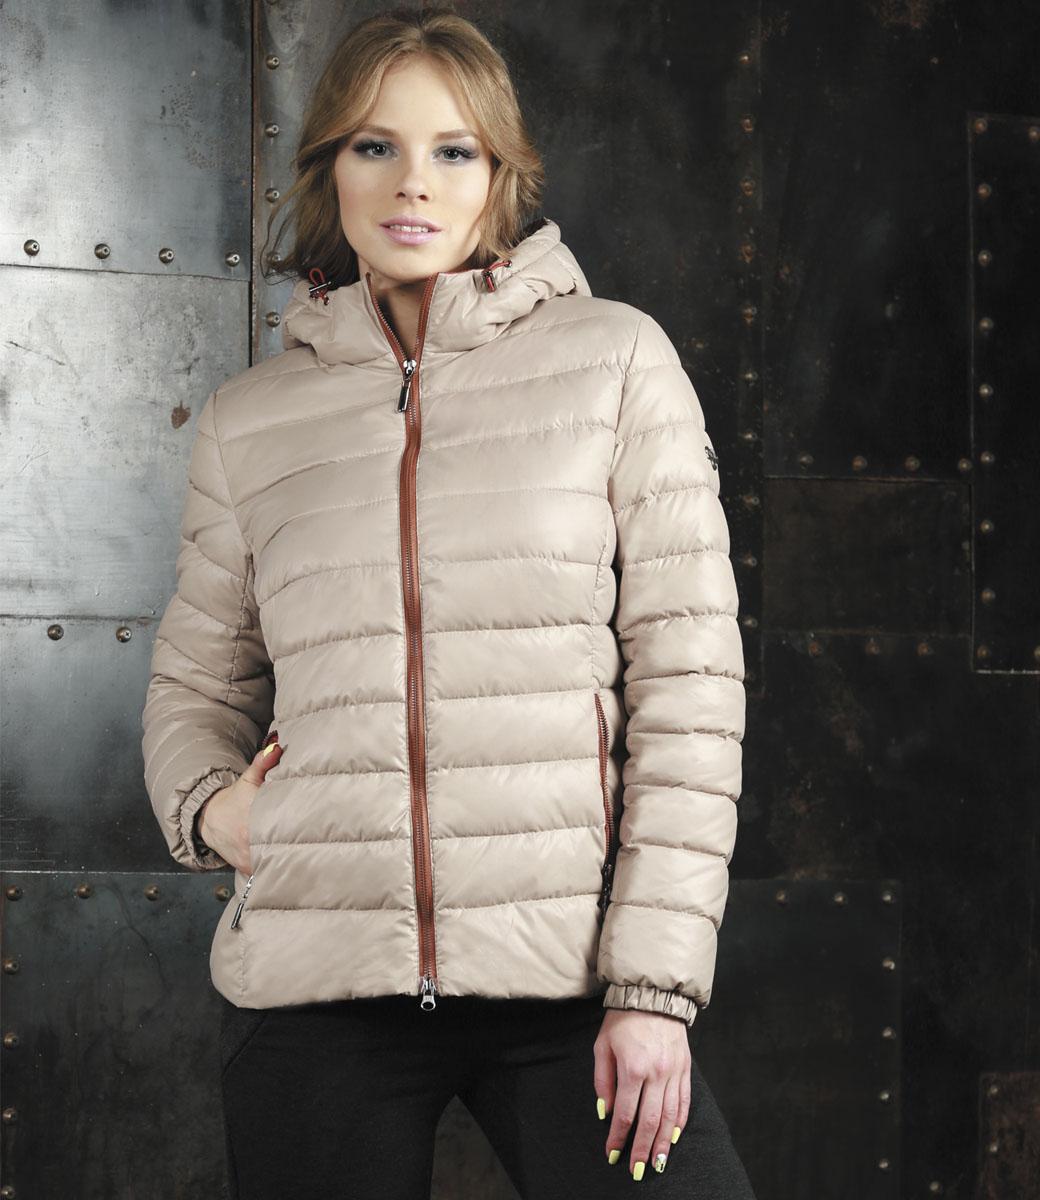 AL-2968Яркая женская куртка Grishko выполнена из 100% полиамида с наполнителем из полиэстера. Оформлена в трендовой цветовой гамме нового осенне-зимнего сезона. Такая модель отлично подойдет для прохладной погоды. Куртка с капюшоном приталенного кроя застегивается на застежку-молнию. Капюшон дополнен резинкой со стопперами, благодаря чему можно регулировать его в размере. Модель снаружи дополнена двумя втачными карманами на молниях. Манжеты рукавов оформлены на резинках. Очень комфортная и стильная куртка будет прекрасным выбором для повседневной носки и подчеркнет вашу индивидуальность.